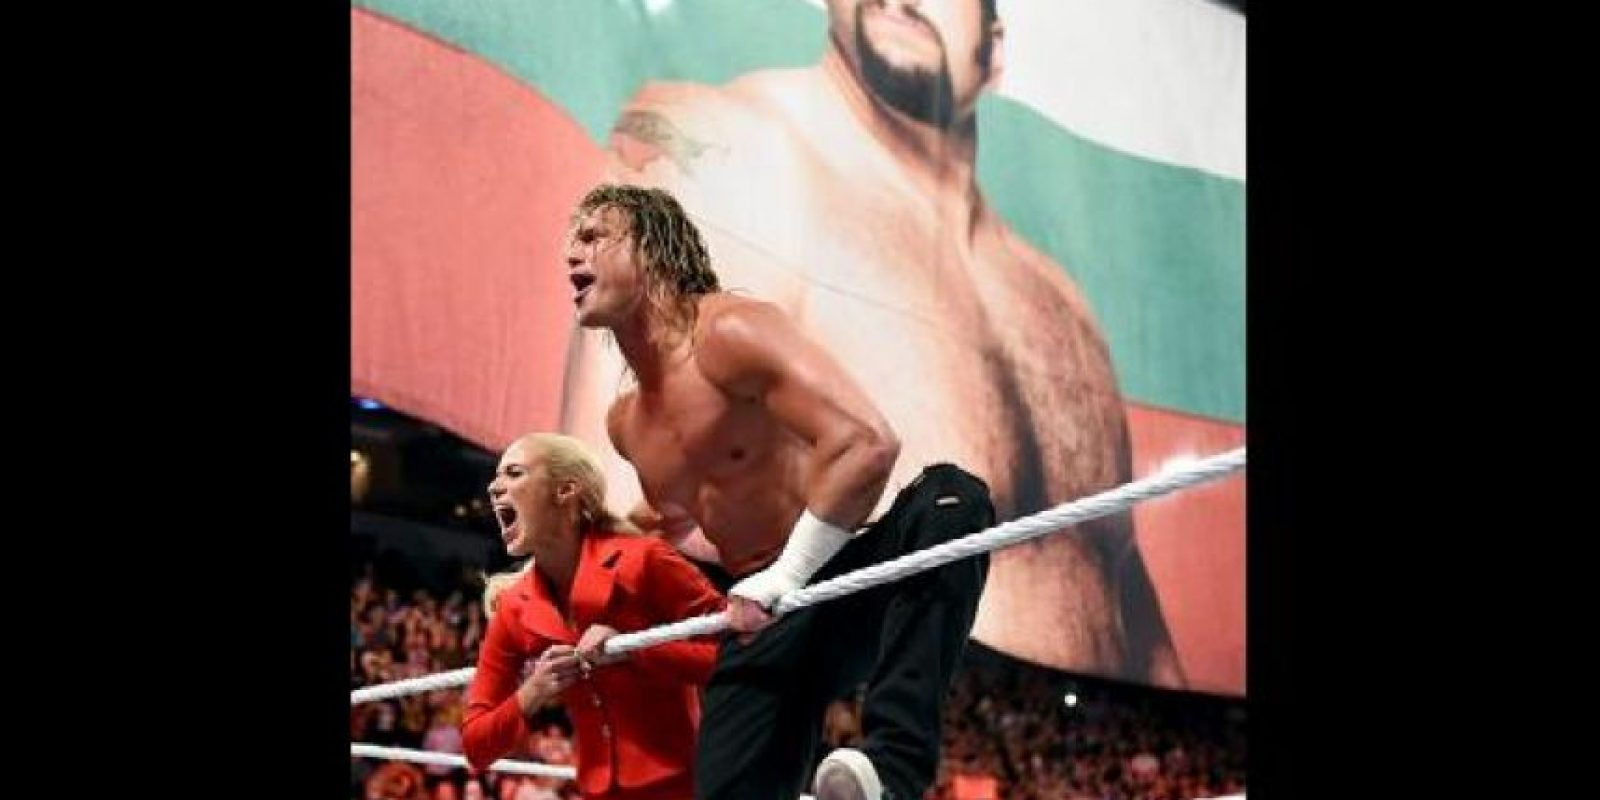 El telón lo abrirá la pelea entre Dolph Ziggler, acompañado por Lana Foto:WWE